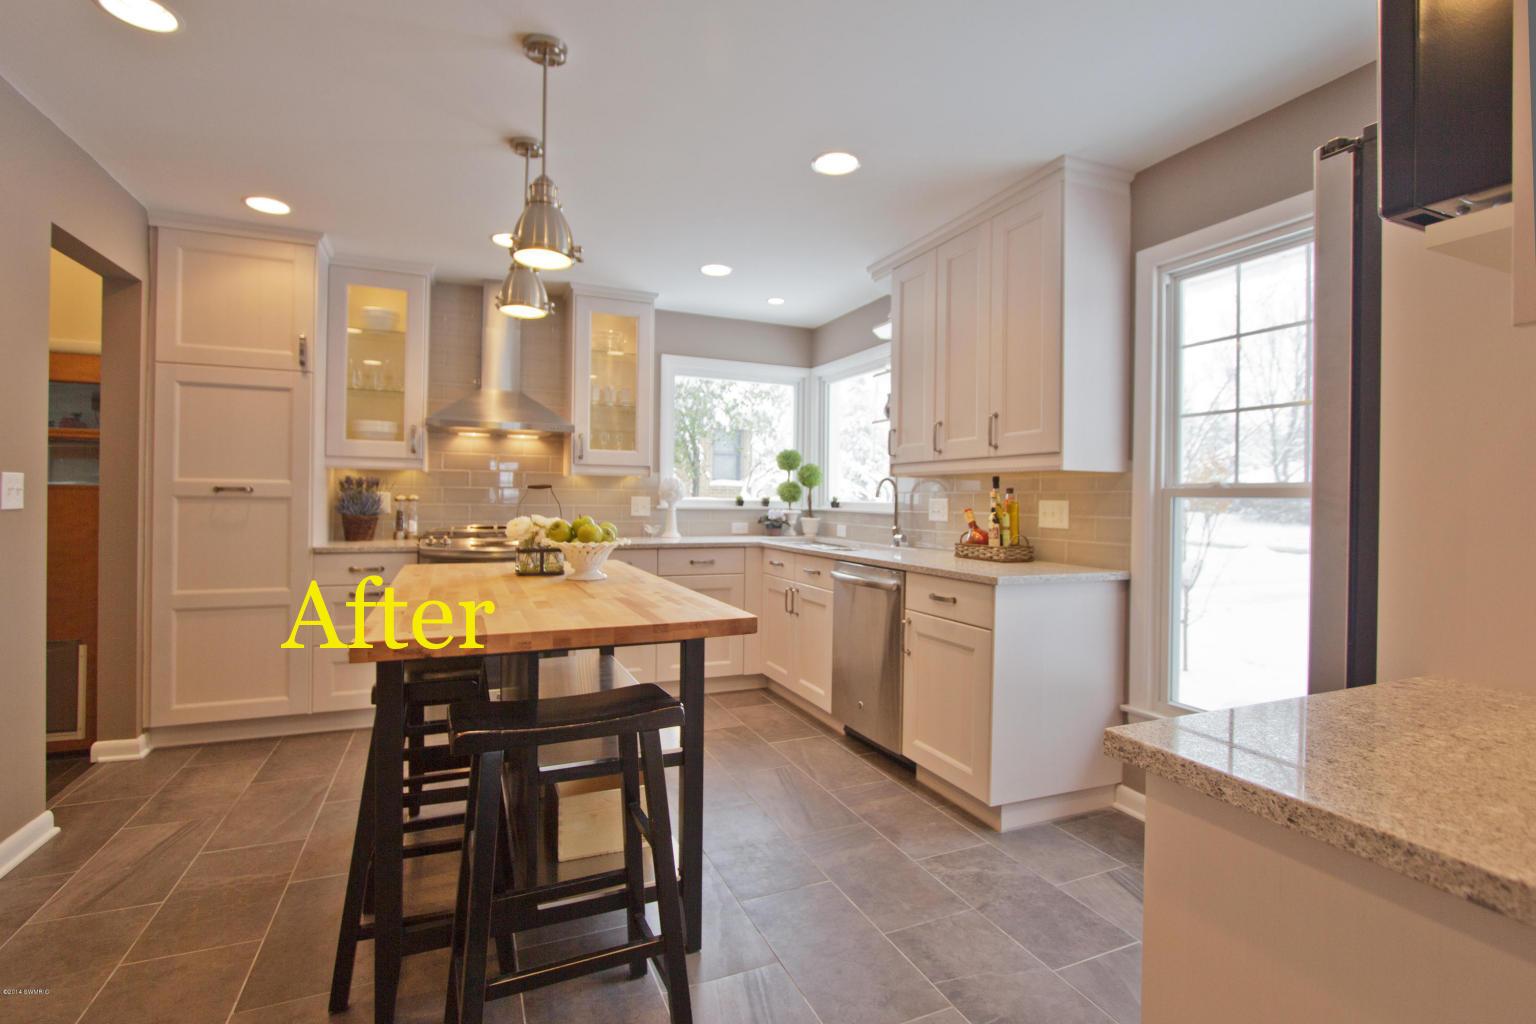 Rexford kitchen 4 after.jpg